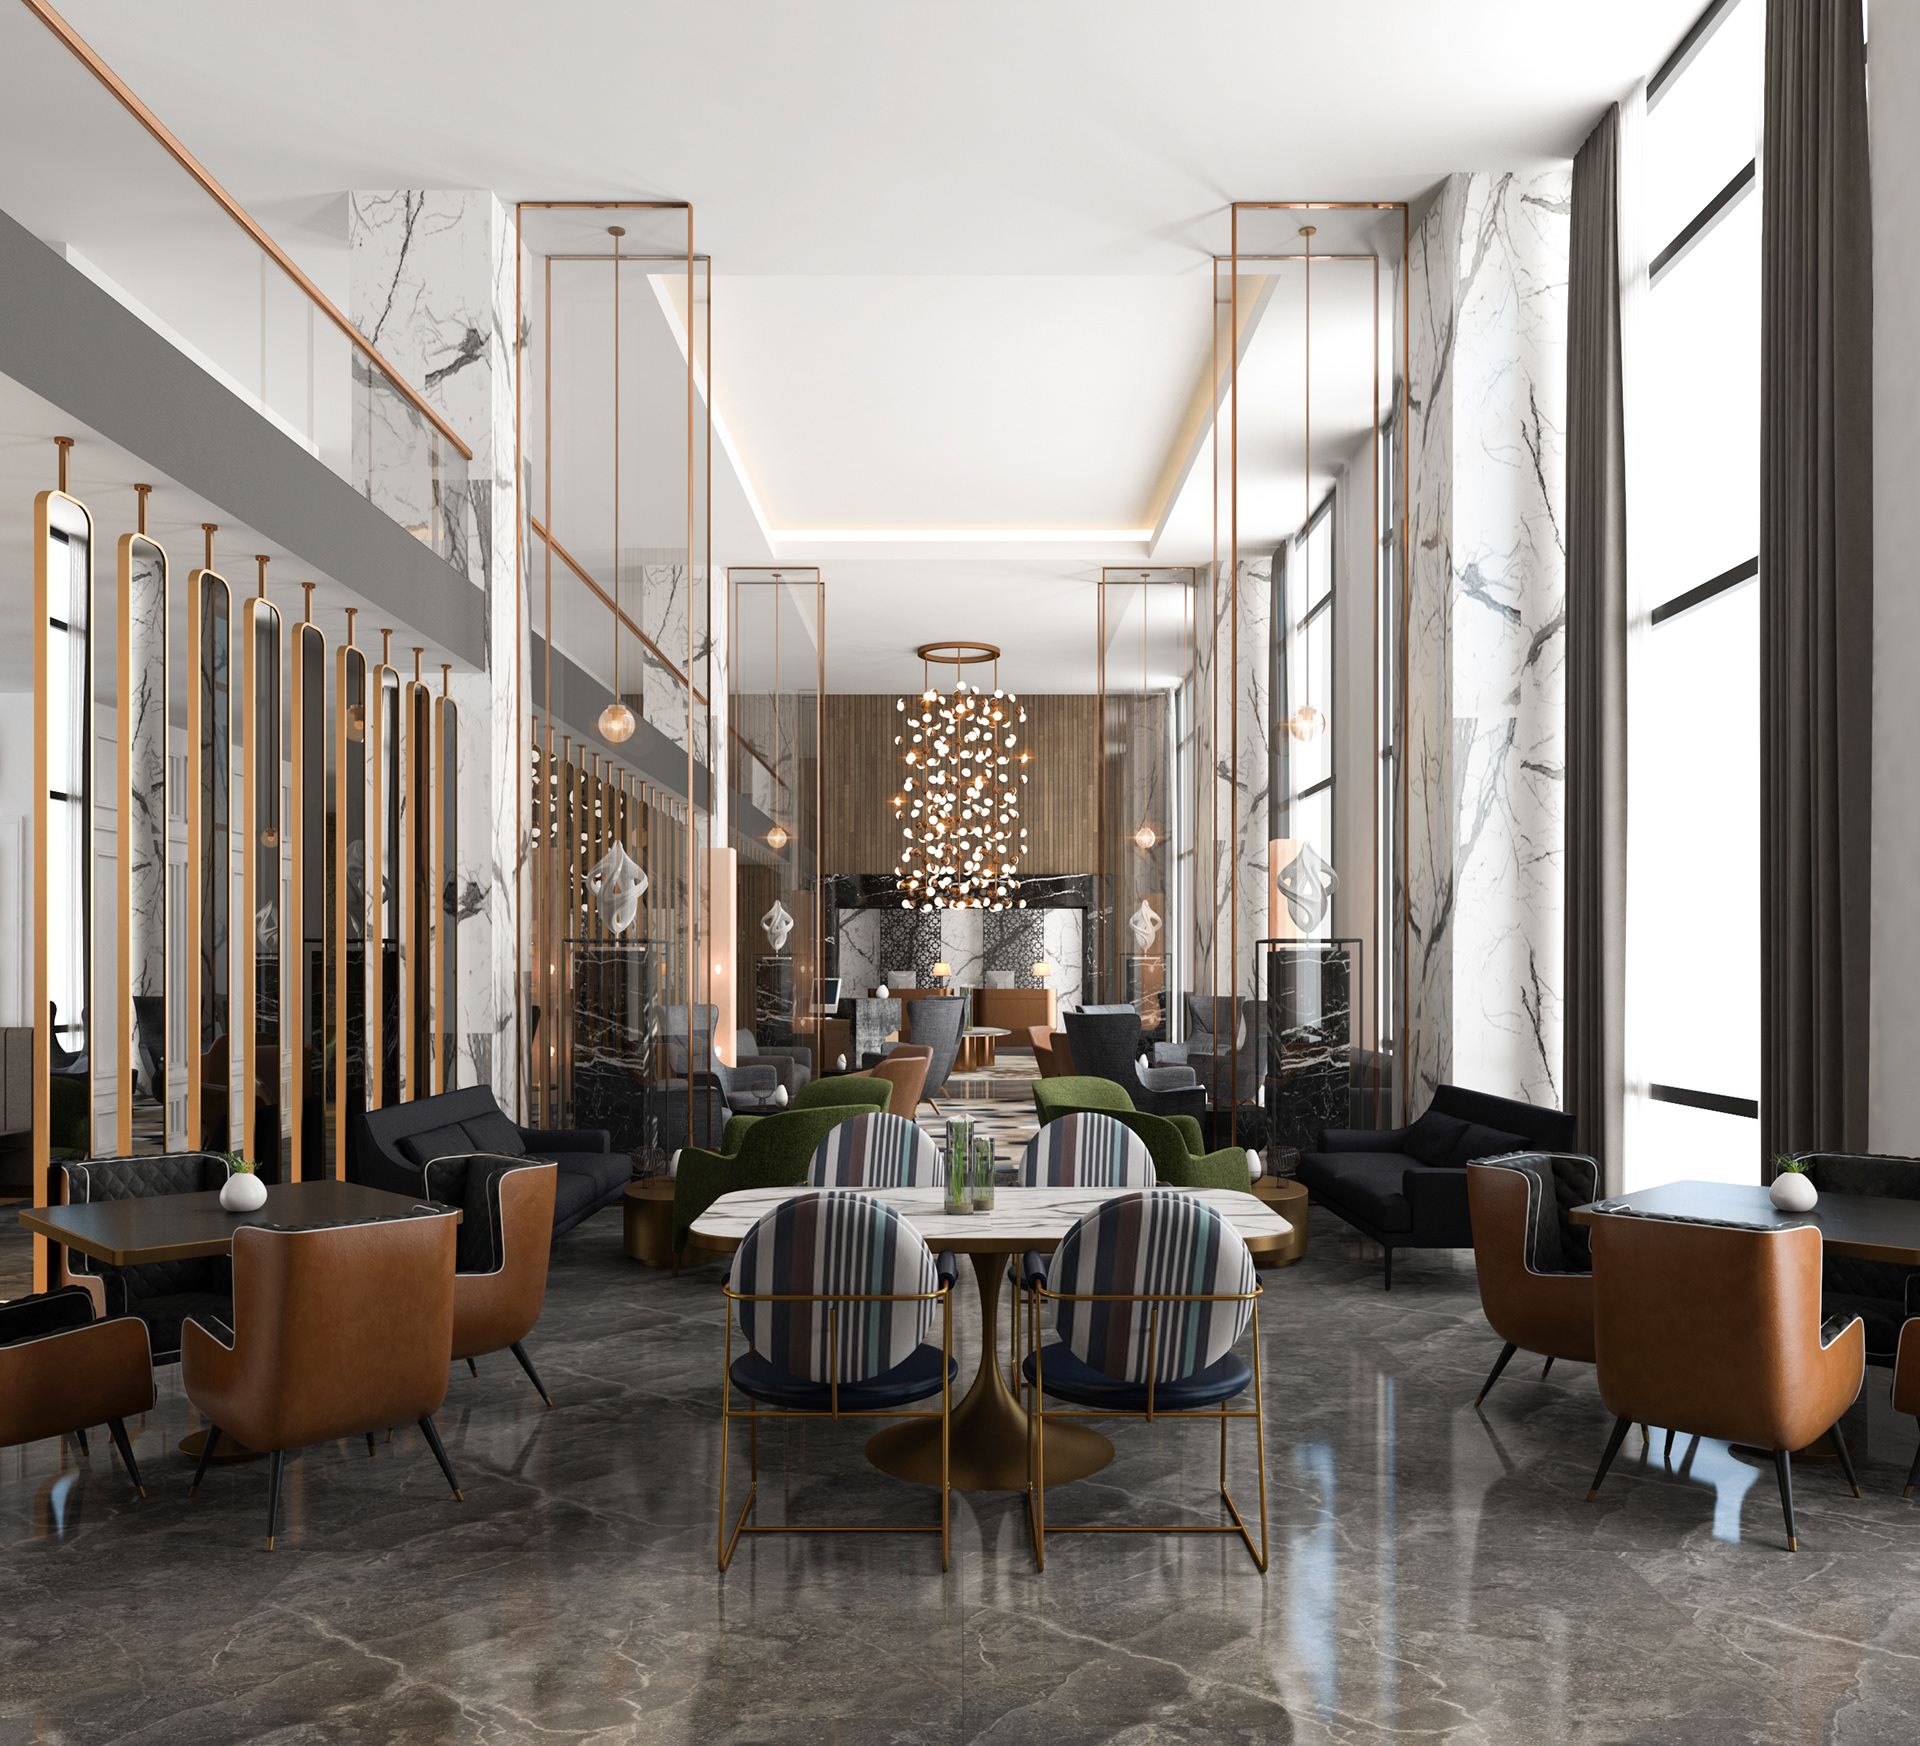 【公装设计-酒店旅馆】酒店旅社农家乐室内装修设计效果图施工图